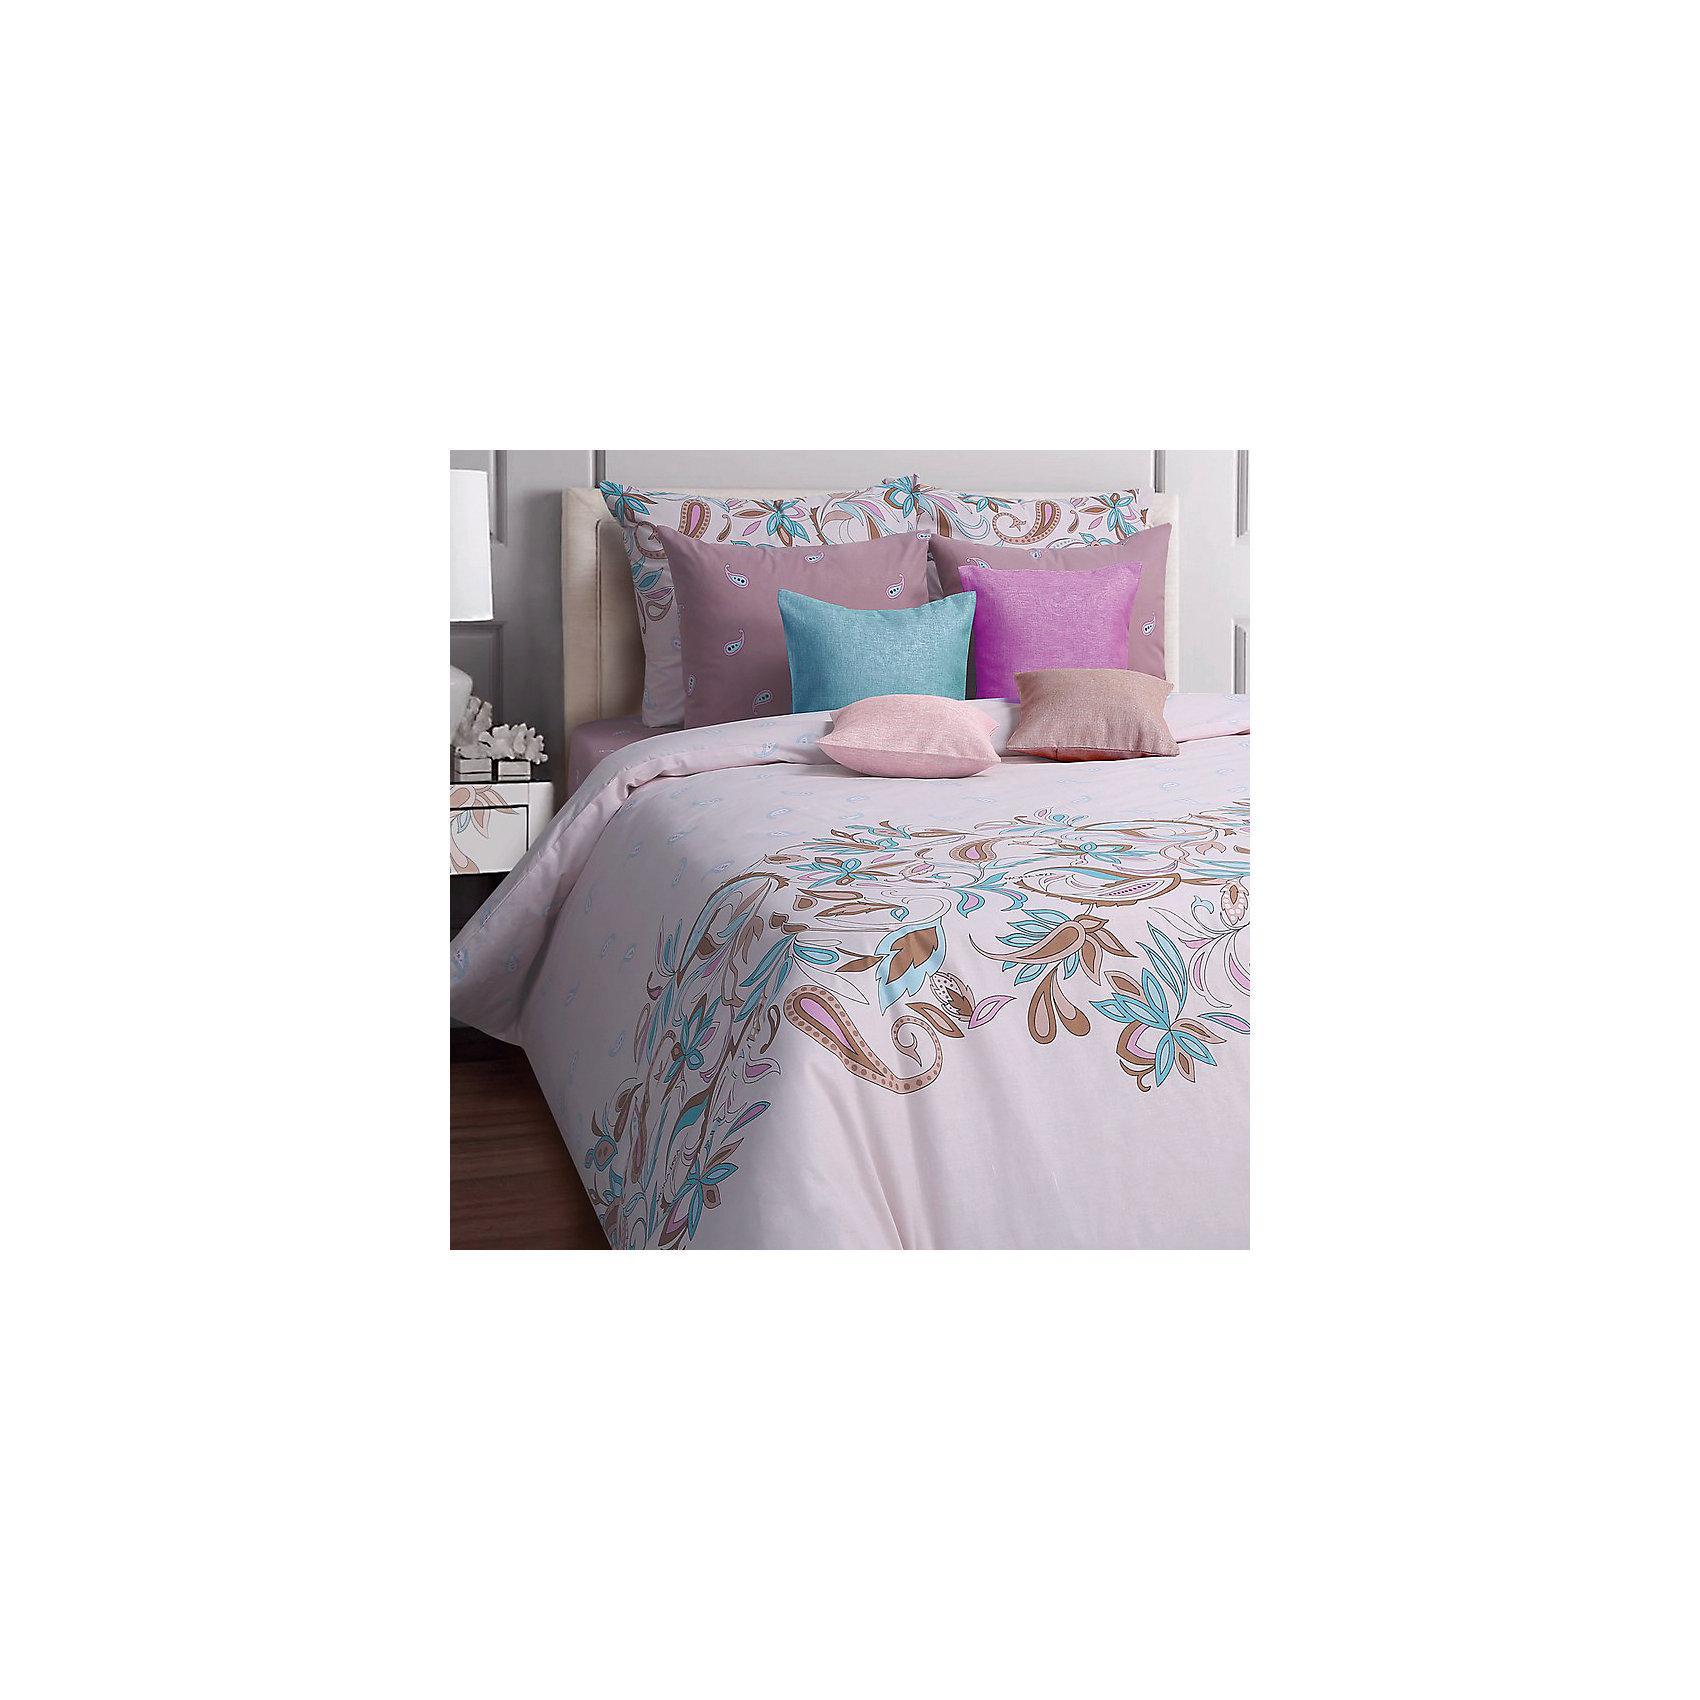 Постельное белье Monro, 1,5-спальный, 70*70, Mona LizaДомашний текстиль<br>Семейный комплект постельного белья  Monro торговой марки Mona Liza будет прекрасным дополнением в Вашей спальне  и, несомненно, подарит Вам крепкий и здоровый сон. И даже если Ваш  сон беспокойный, белье не соберется в грубые складки, так как ткань практически не мнется, она не потеряет свои цвета и текстуру после многочисленных стирок. Стильный и красивый дизайн комплекта в сириневато-бежеватых тонах станет прекрасным дополнением интерьера любой комнаты. Комплект состоит из пододеяльника, простыни и двух наволочек.<br><br>Дополнительная информация: <br><br>- производитель: mona liza<br>- материал: бязь<br>- состав: 100% хлопок<br>- размер комплекта: полутораспальный<br>- размер пододеяльника: 145*210 см<br>- тип застежки: пуговицы<br>- размер простыни: 150*215 (обычная)<br>- размер наволочек: 70*70 (2 шт)<br>- упаковка комплекта: книжка пвх<br>- страна бренда: Россия<br>- страна производитель: Россия<br><br>Комплект постельного белья   Monro  торговой марки  Мона Лиза можно купить в нашем интернет-магазине.<br><br>Ширина мм: 290<br>Глубина мм: 70<br>Высота мм: 370<br>Вес г: 1450<br>Возраст от месяцев: 84<br>Возраст до месяцев: 1188<br>Пол: Унисекс<br>Возраст: Детский<br>SKU: 4902105